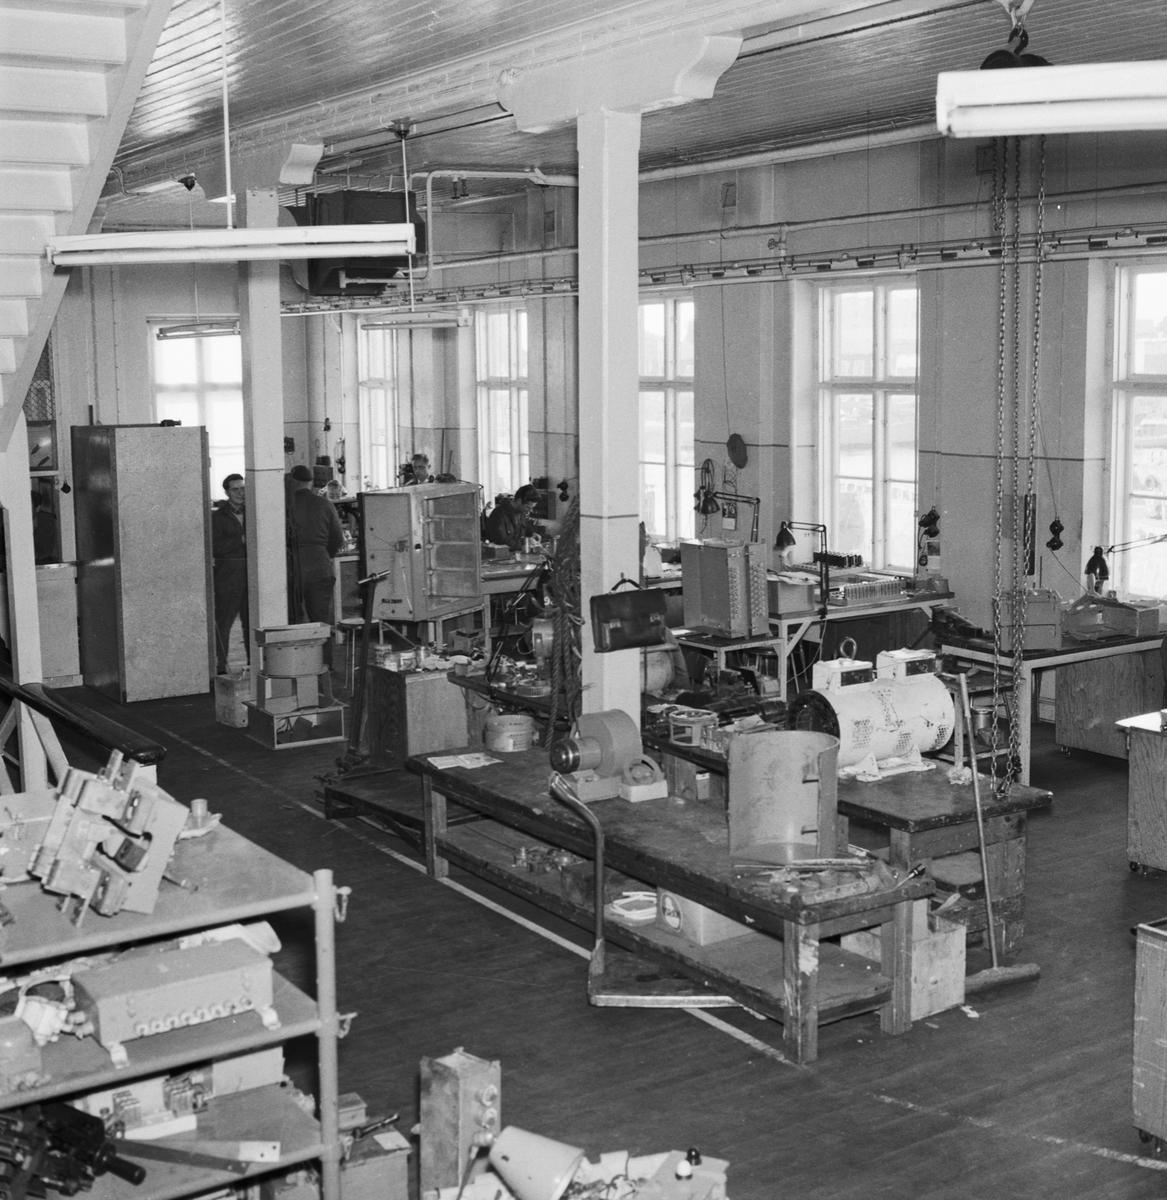 Övrigt: Foto datum: 14/9 1957 Byggnader och kranar Elverkstan stansmaskin